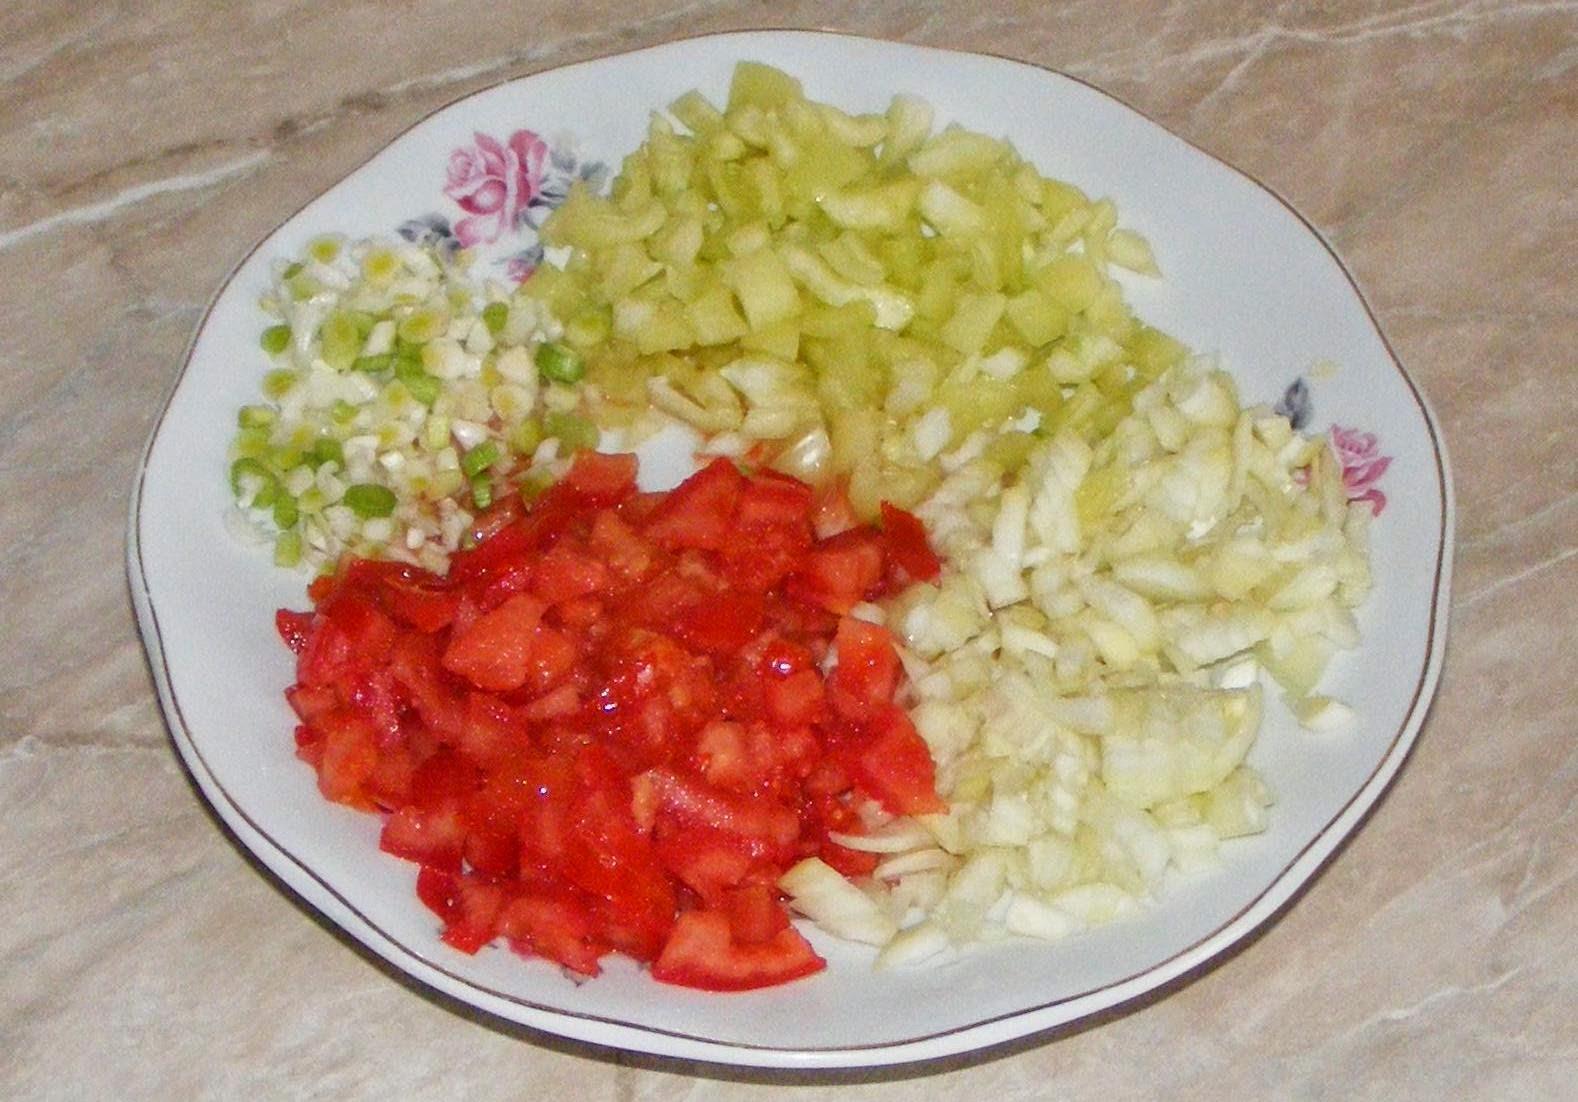 ingrediente pentru sos cu paste, cum facem sosul cu paste, cum preparam sosul pentru paste, cum se prepara sosul pentru paste, retete si preparate culinare,